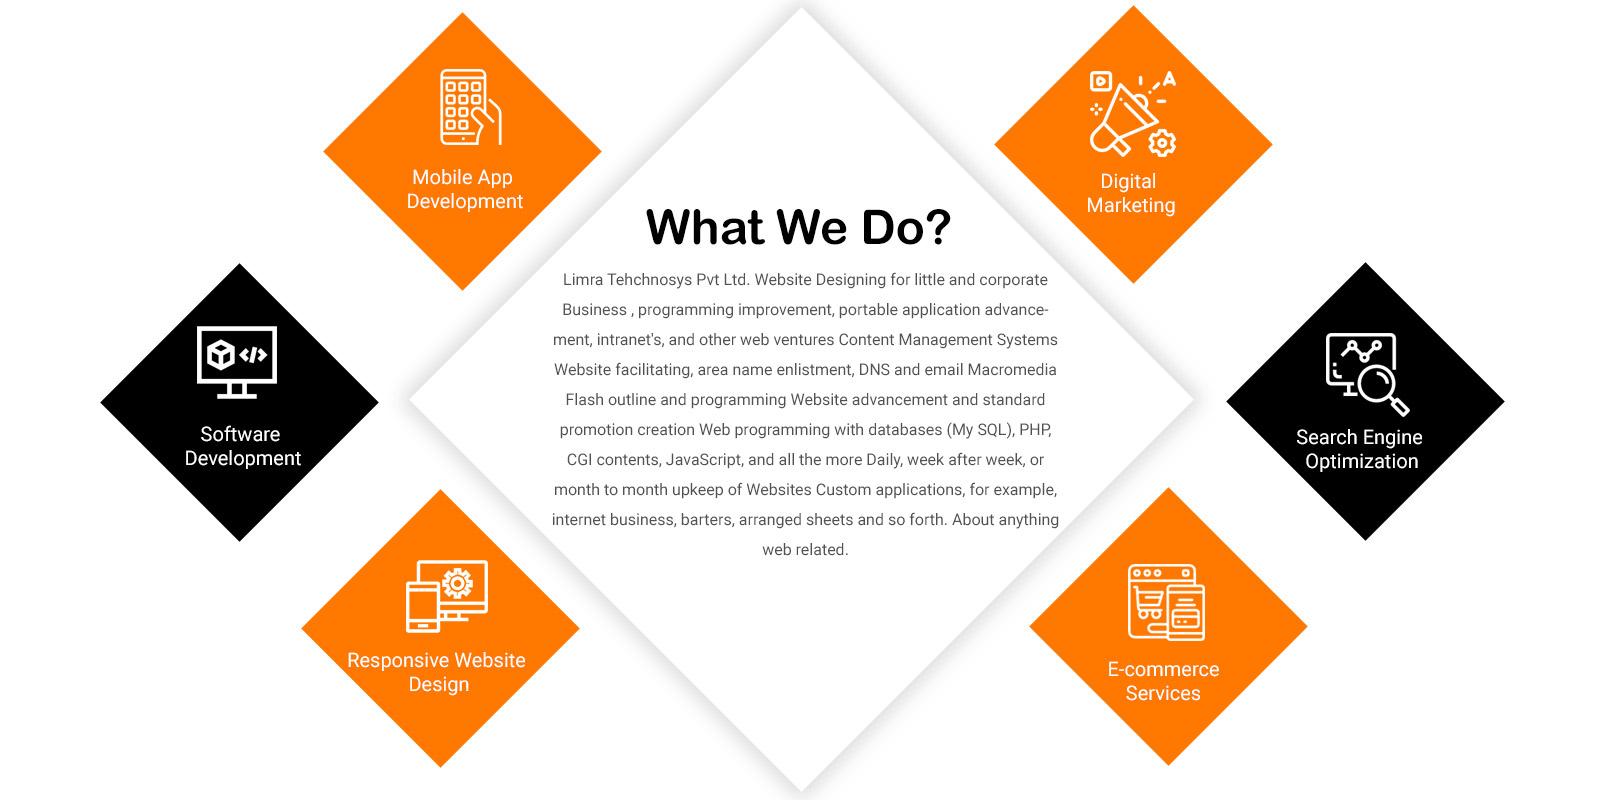 Software Company in Navi Mumbai | Digital Marketing Agency | SEO